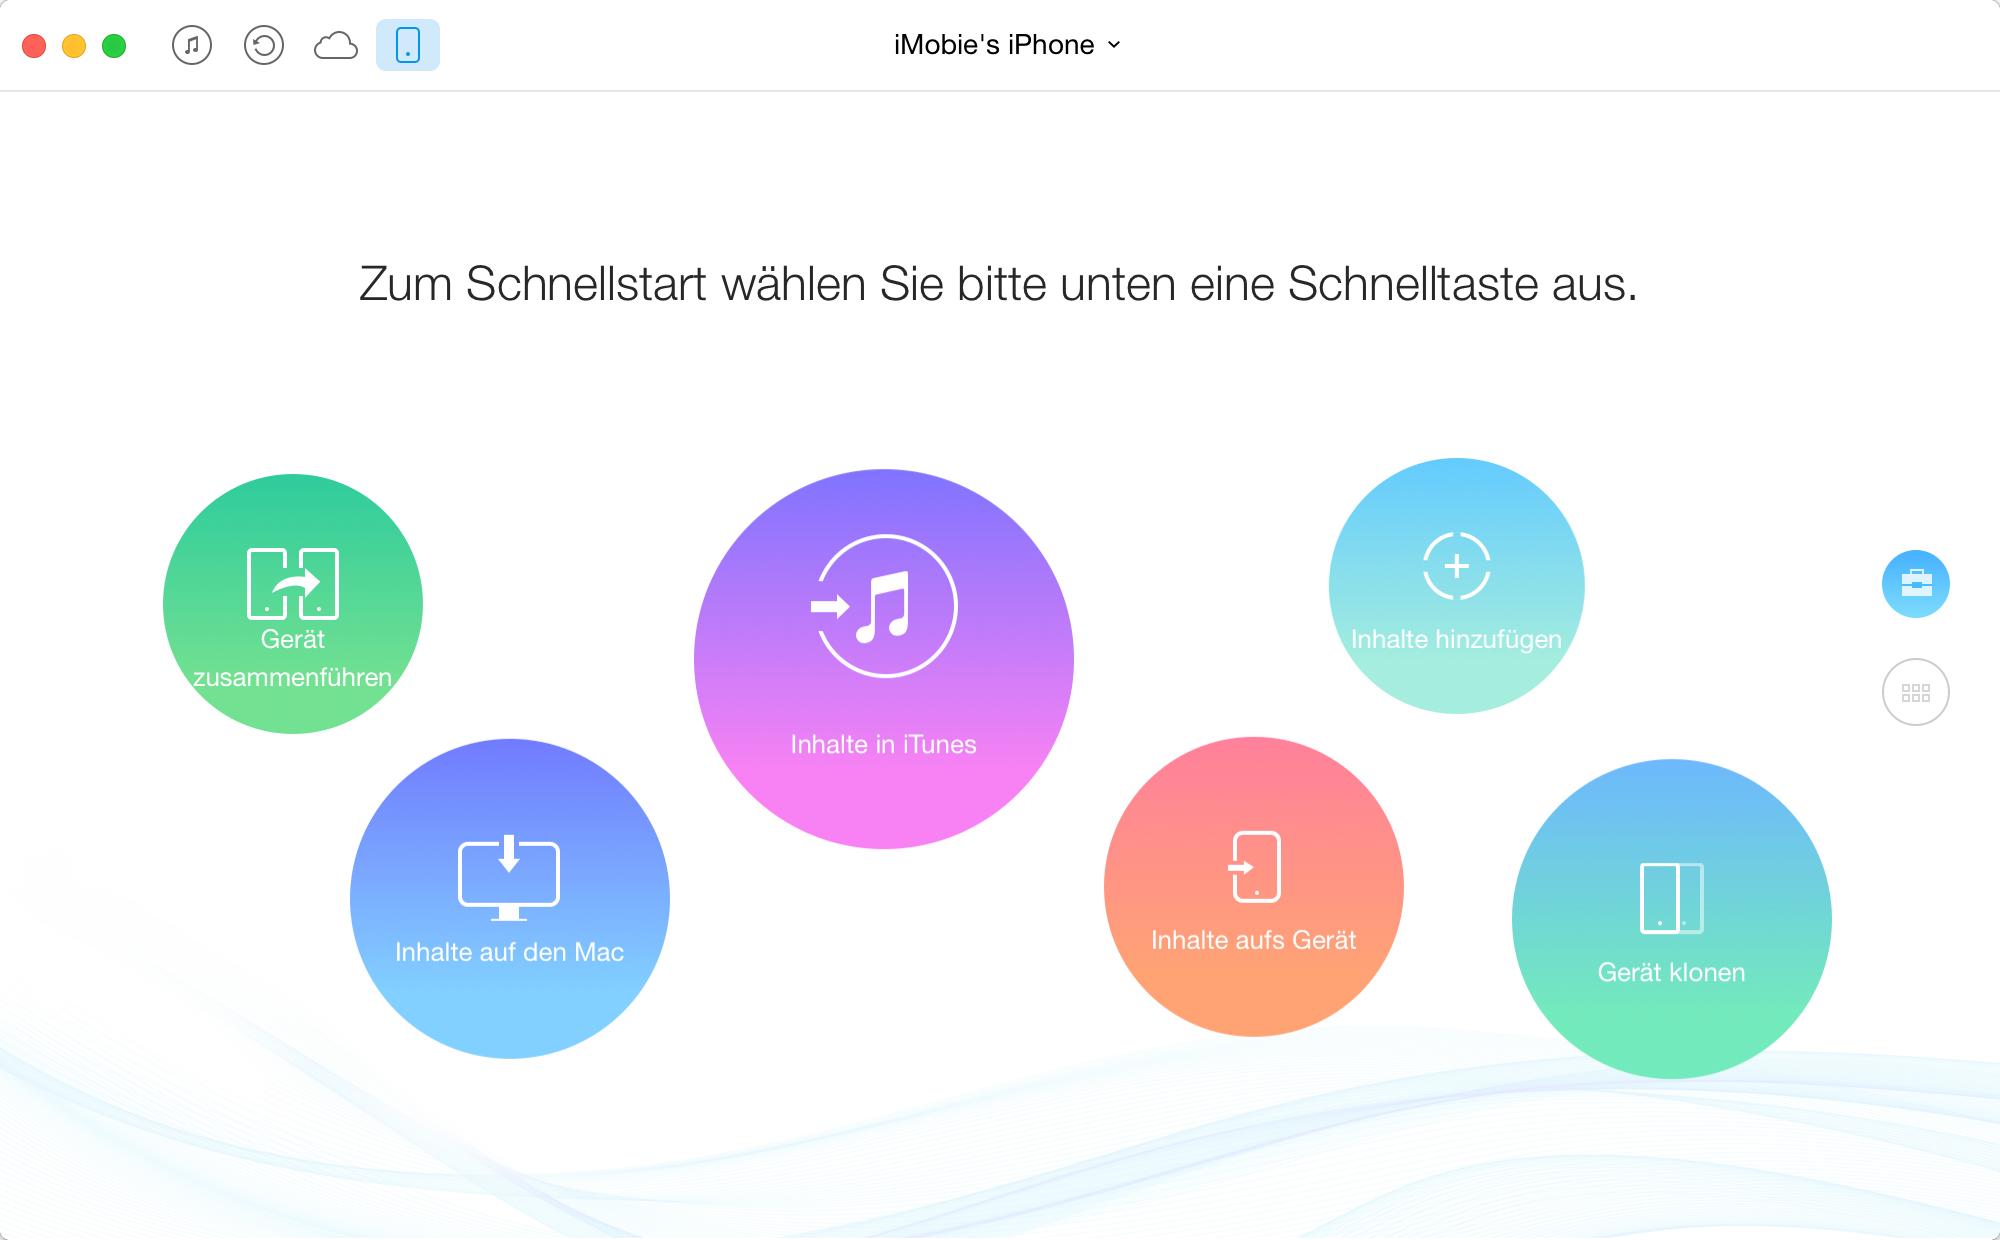 Daten auf neues iPhone übertragen – Schritt 1